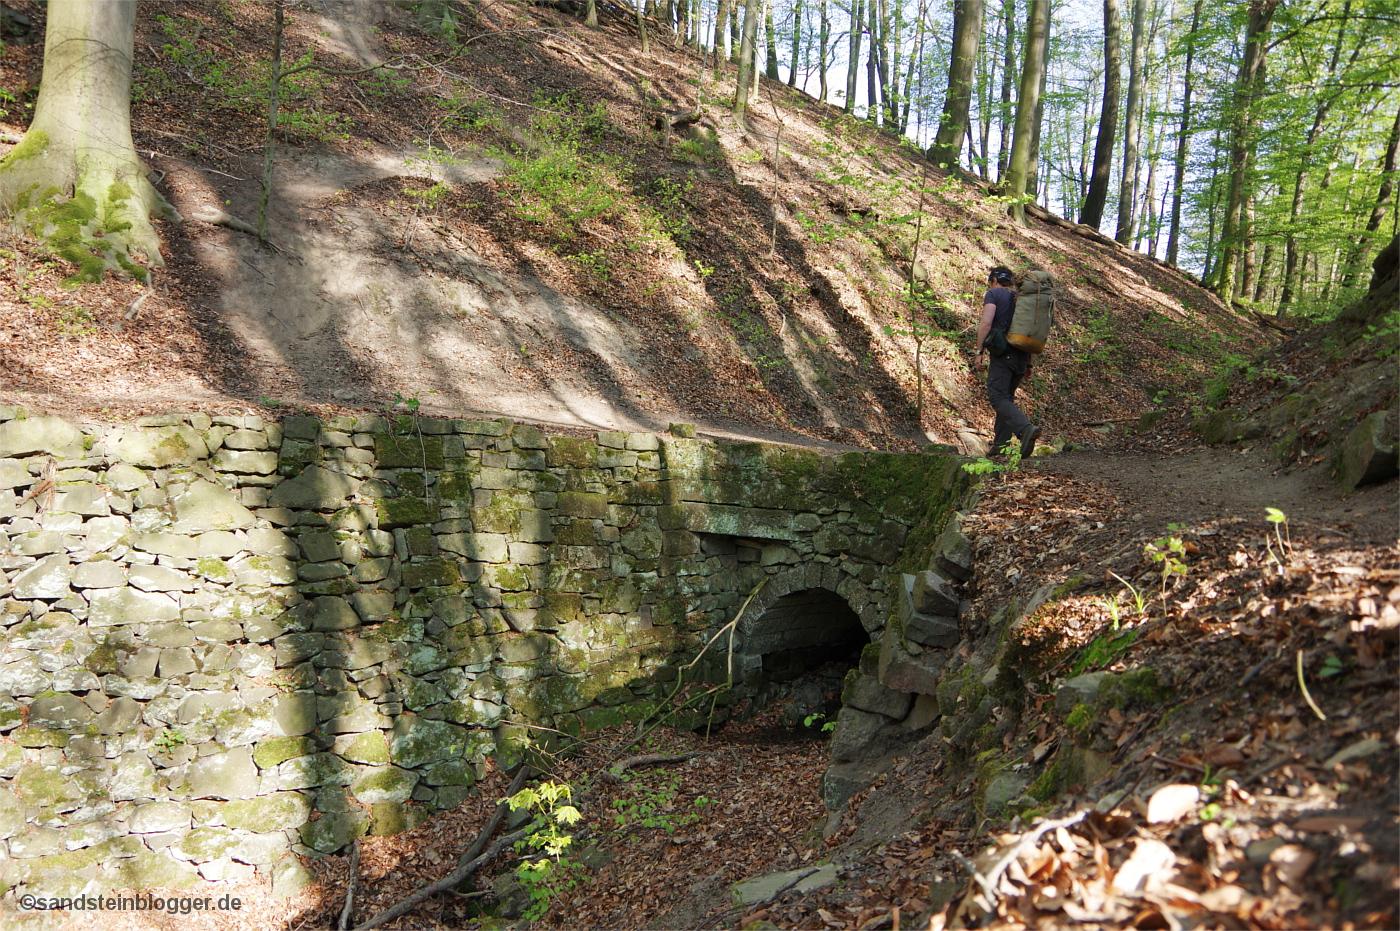 Alter Buchenwald, ein mit Stützmauern befestigter Weg windet sich am Hang entlang